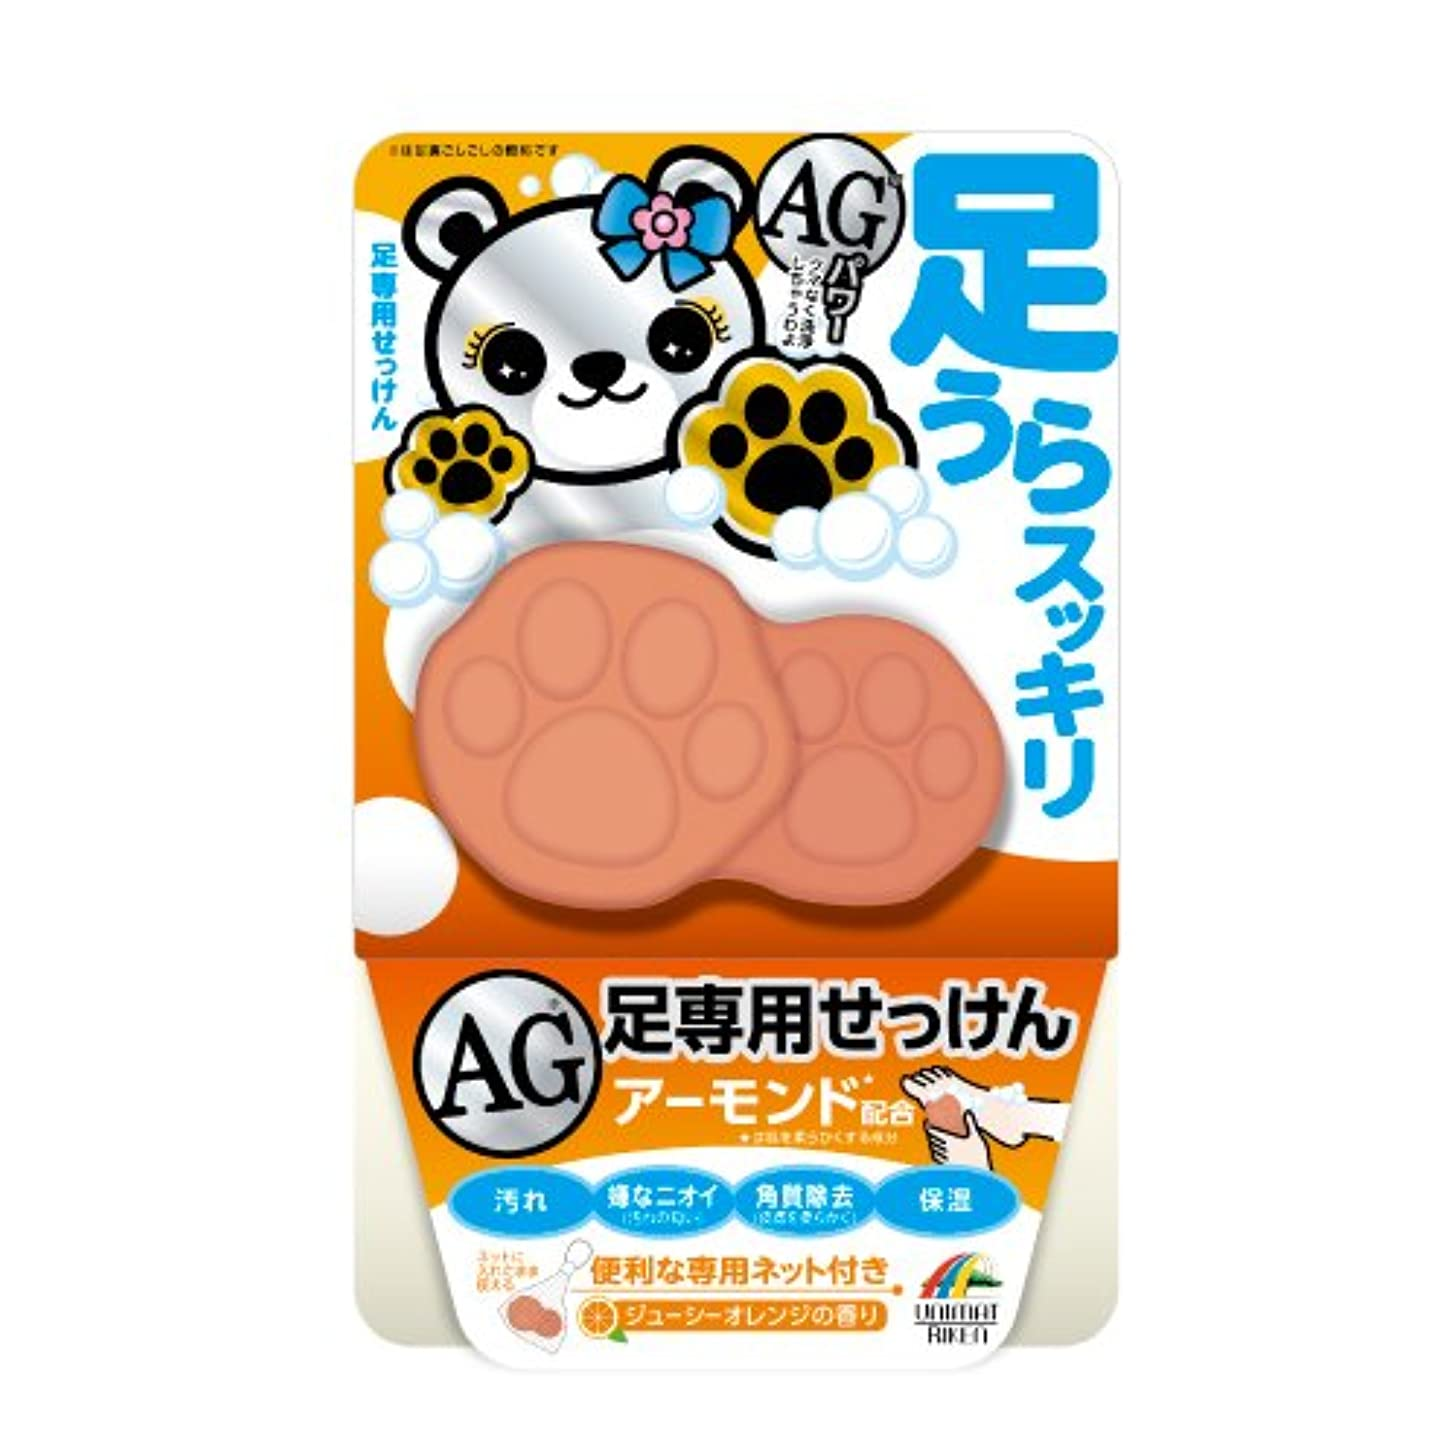 ユニマットリケン 足裏スッキリAG石鹸(アーモンド配合)70g